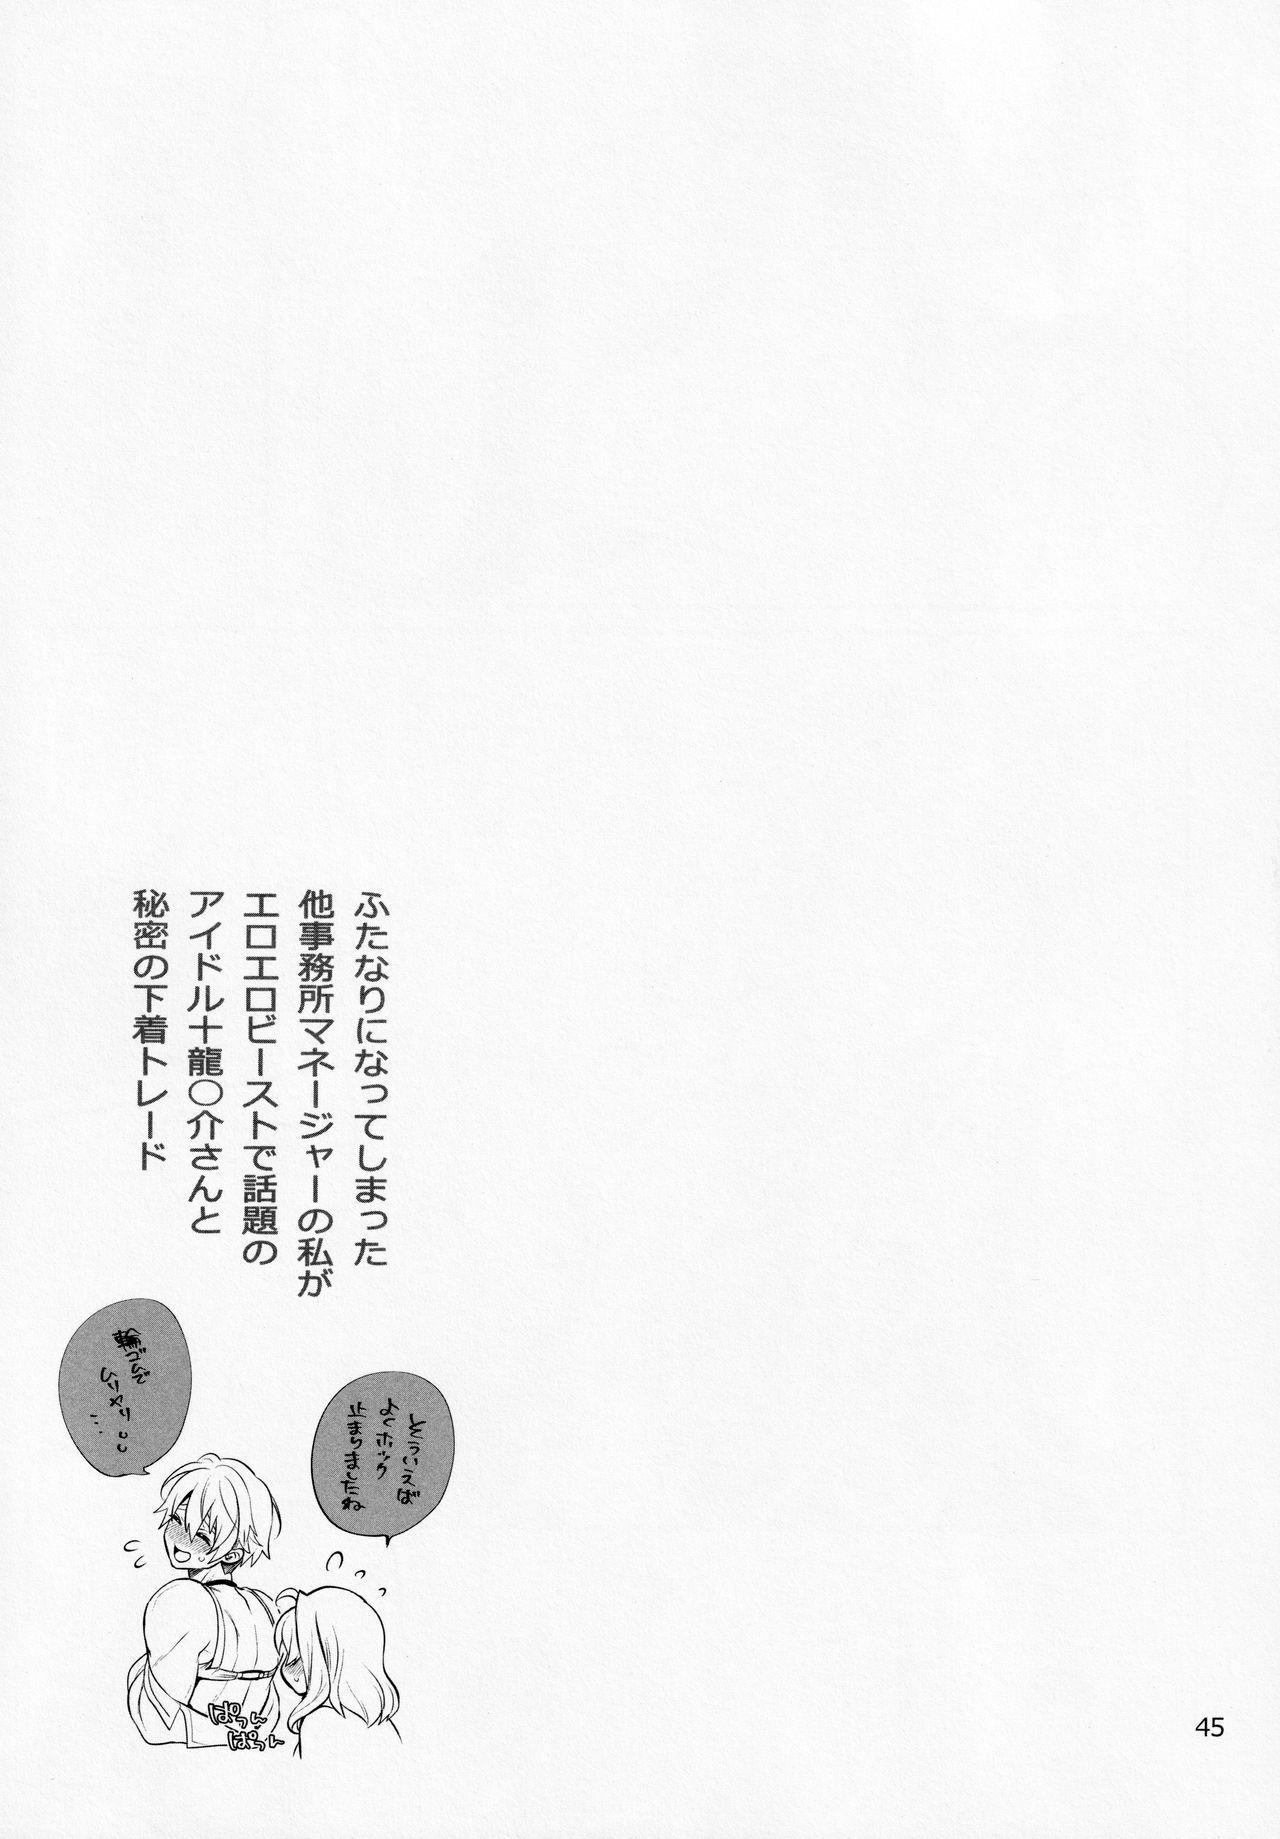 Futanari ni Natte Shimatta Taji Musho Manager no Watashi ga Eroerobiisuto de Wadai no Idol Tsunashi Ryu○suke-san to Himitsu no Shitagi Toreido 43